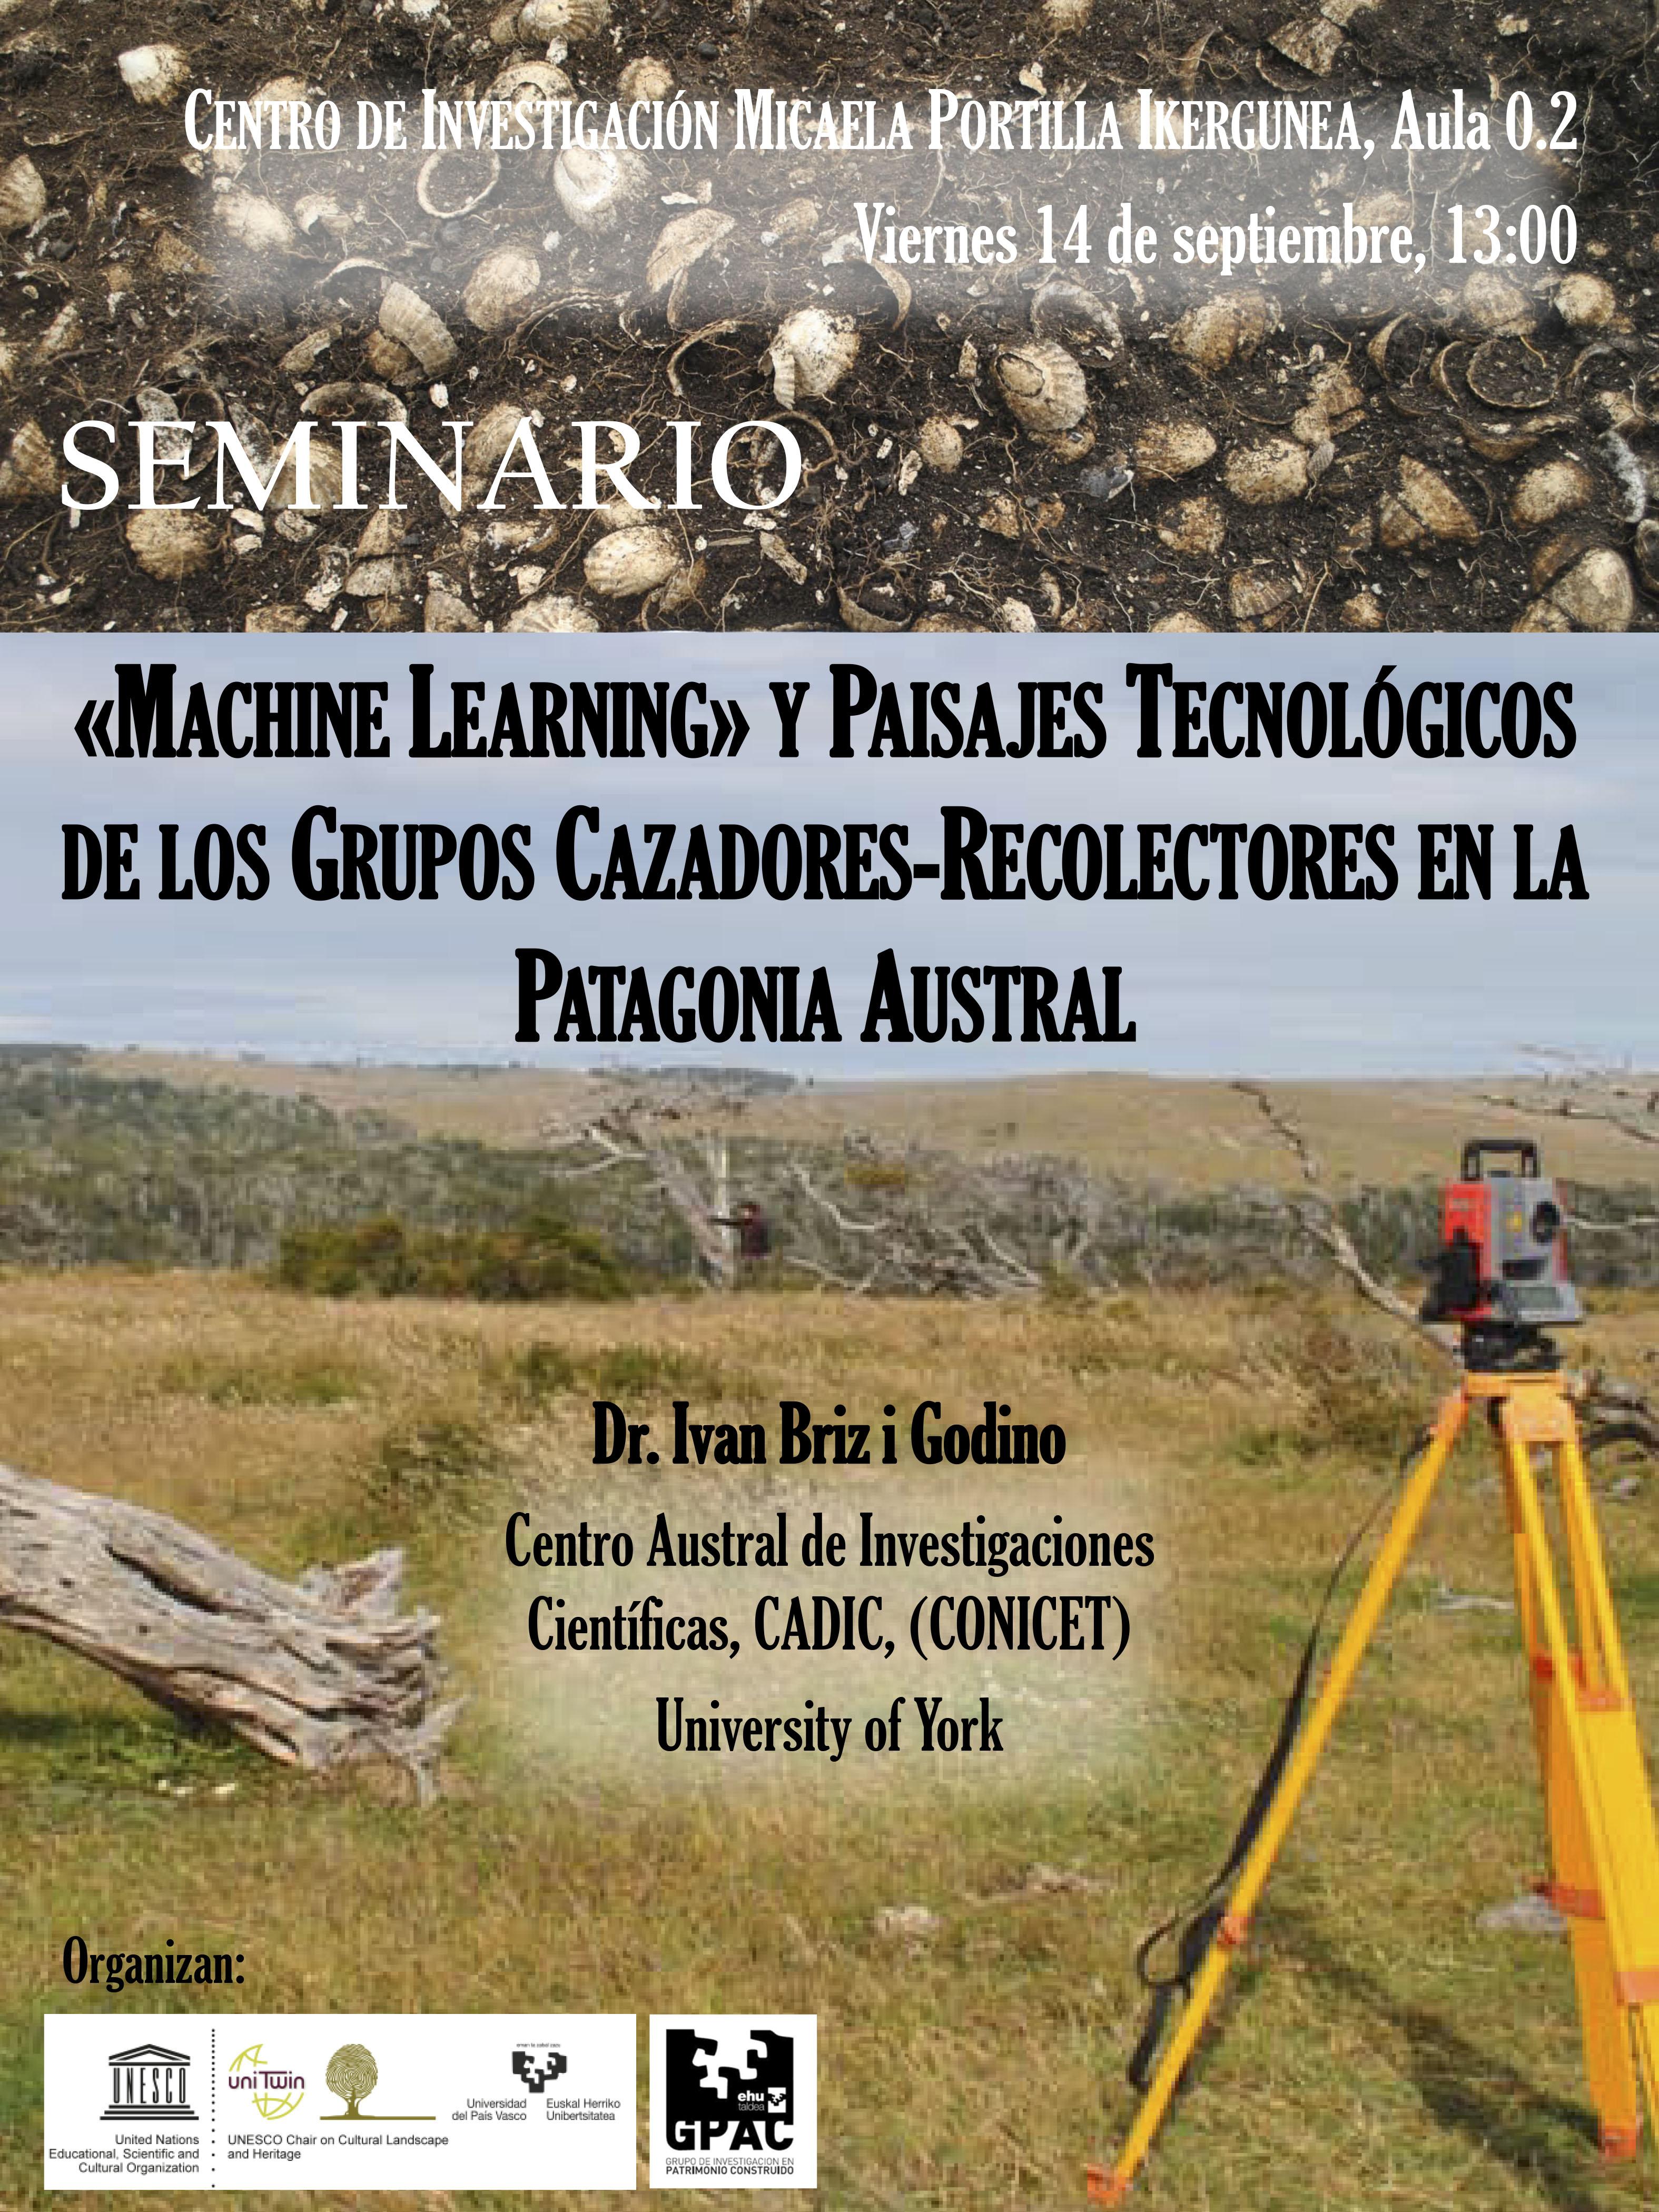 Seminario «Machine Learning» y Paisajes Tecnológicos de los Grupos Cazadores-Recolectores en la Patagonia Austral